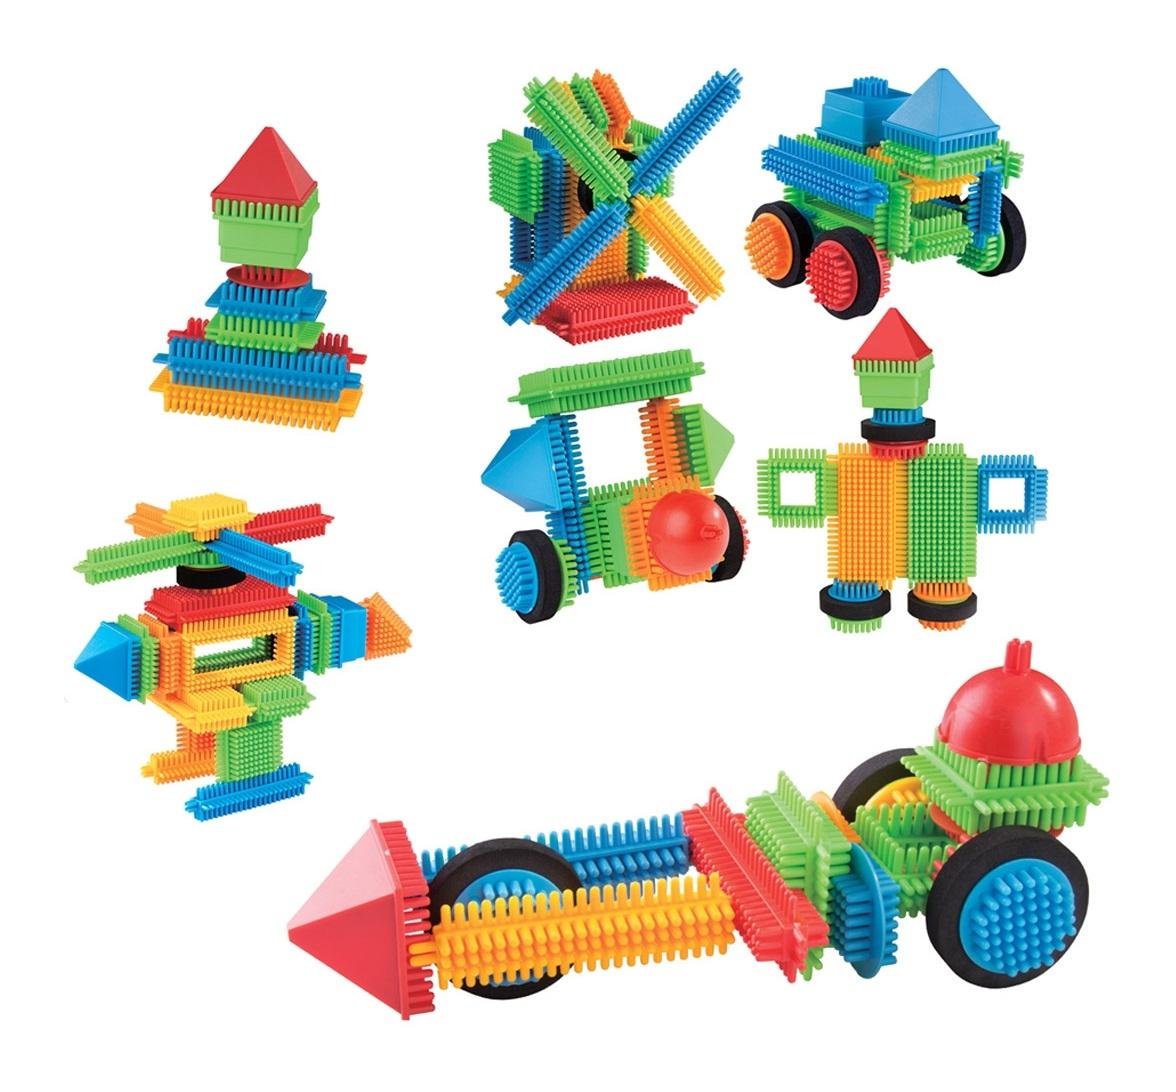 Klocki małych geniuszy - Jeżyki, 46 elementów (112589)